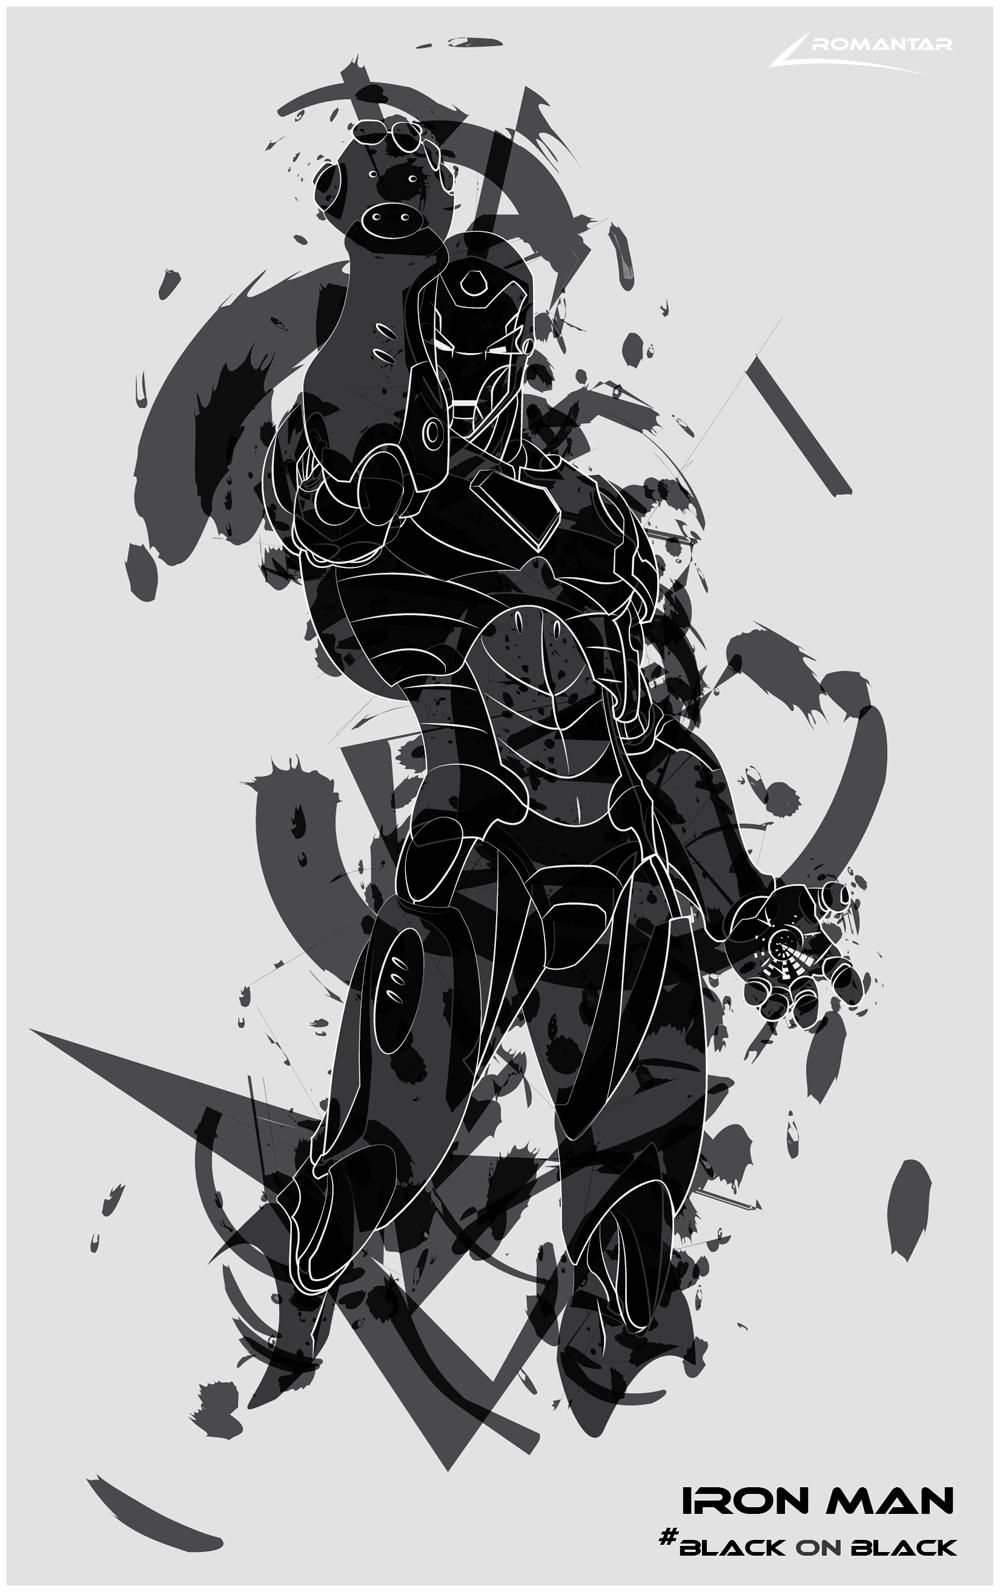 Black Man Ironing Iron Man Black on Black